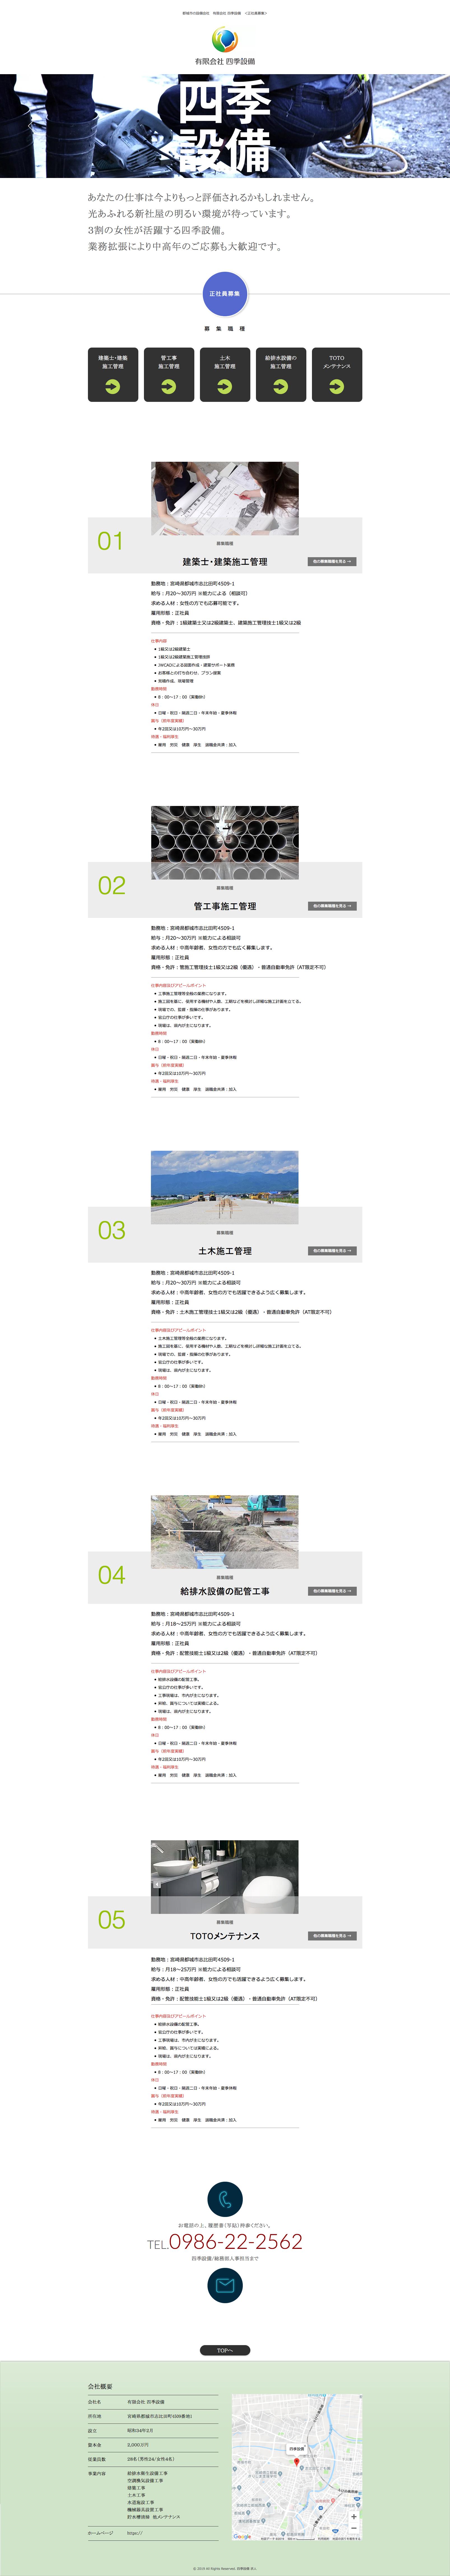 宮崎県宮崎市のホームページ制作